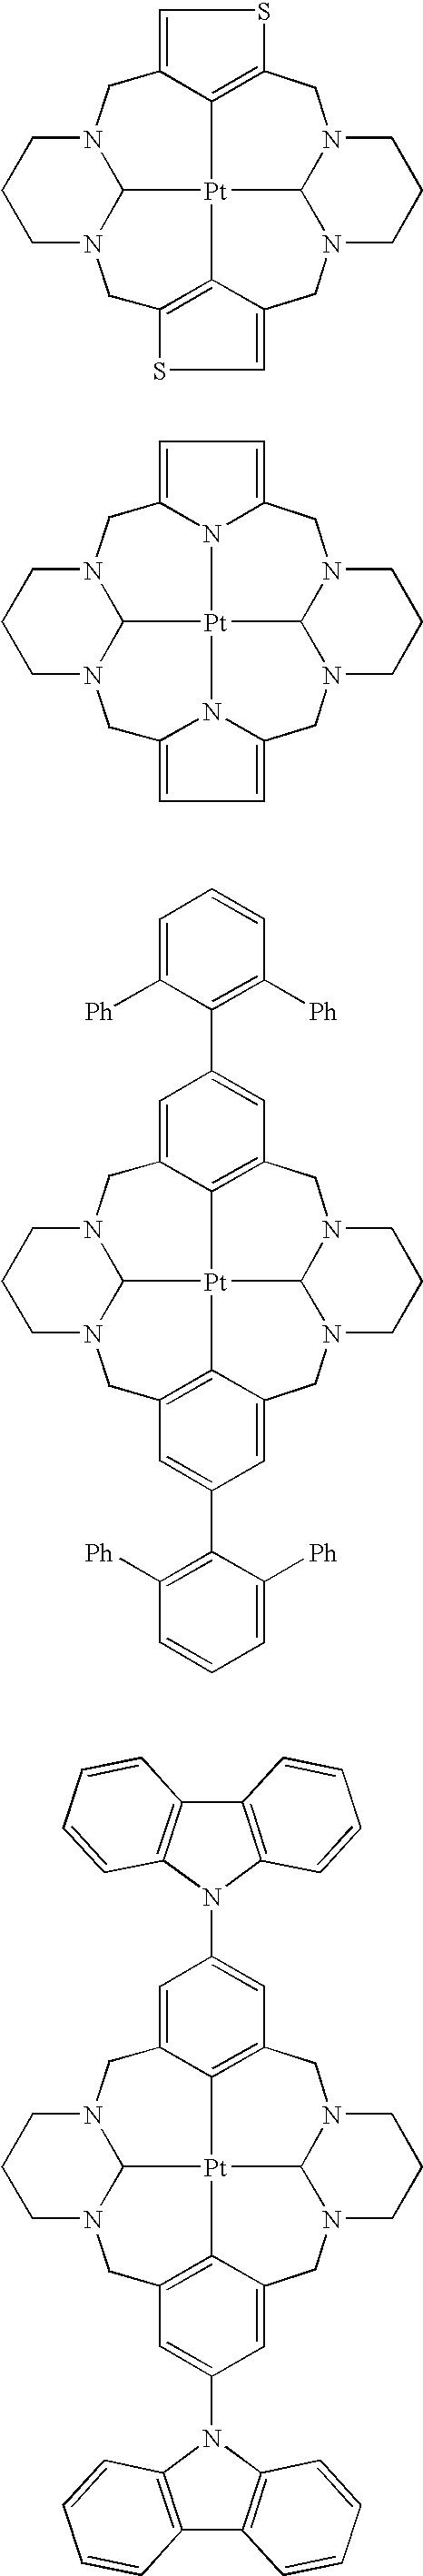 Figure US20050260445A1-20051124-C00039